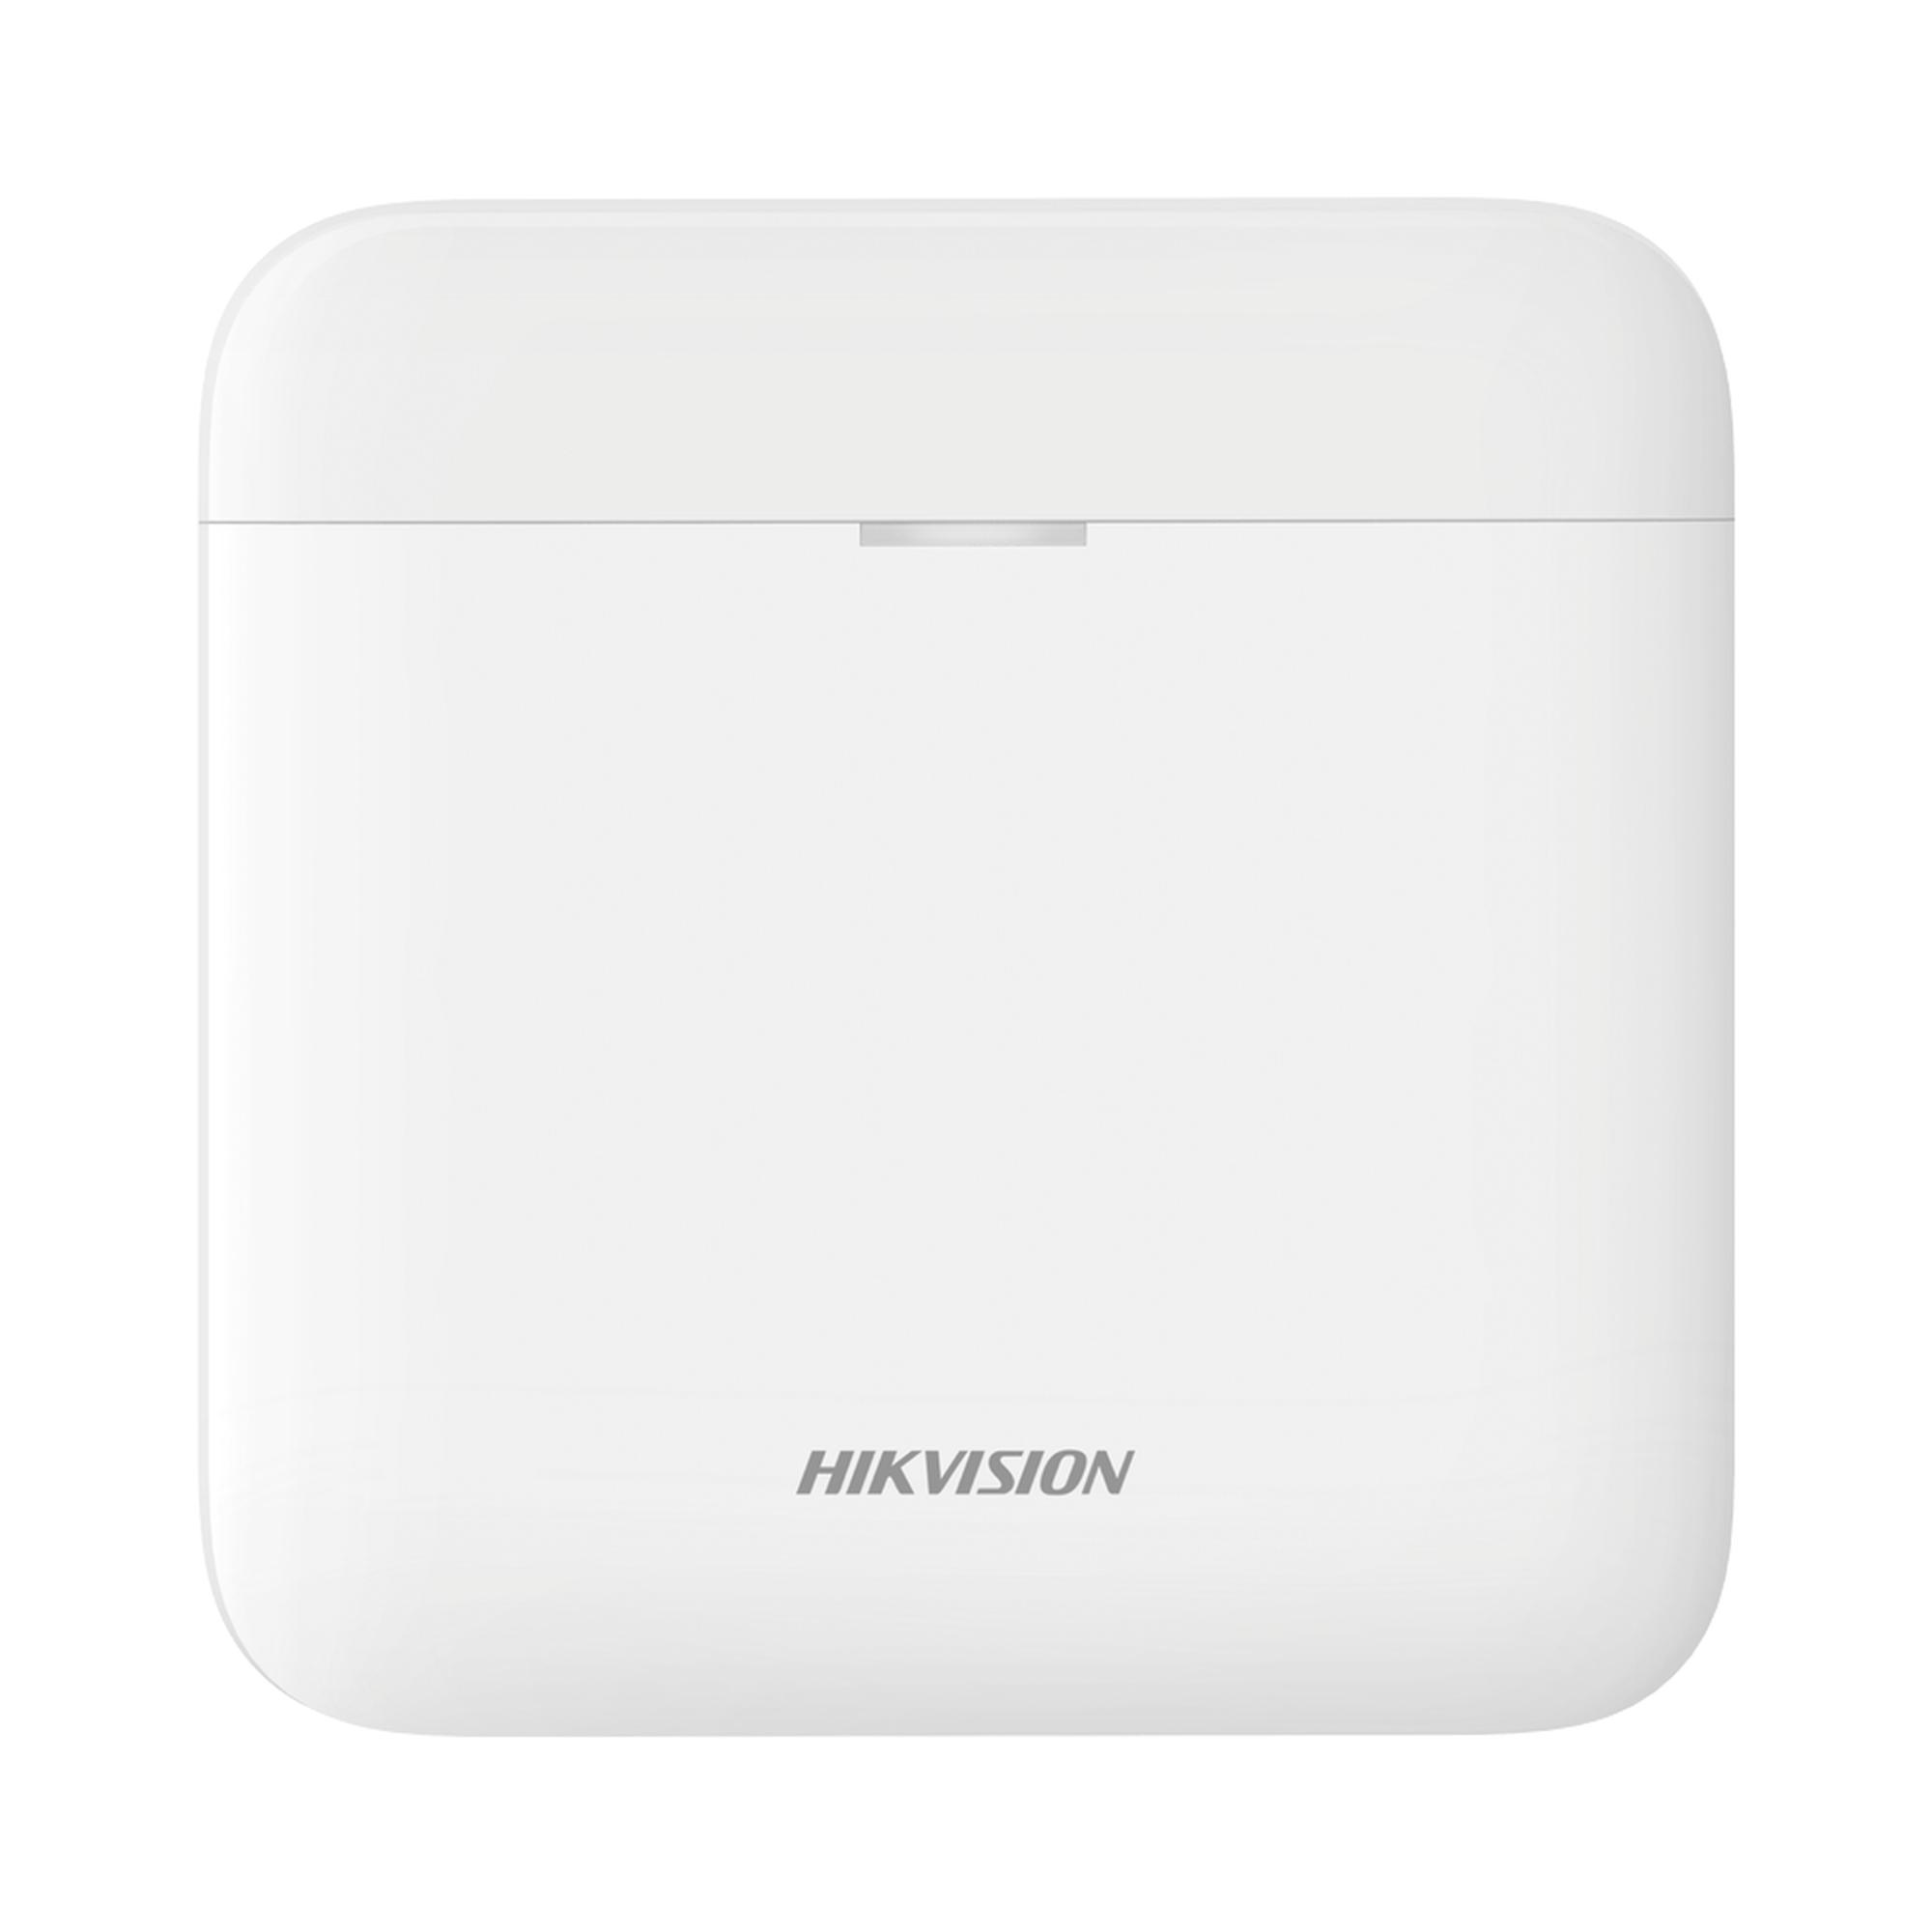 (AX PRO) Panel de Alarma Inalámbrico de Hikvision / Soporta 48 Zonas / GSM 3G/4G, Wi-Fi y Ethernet / Compatible con los Accesorios AX PRO.